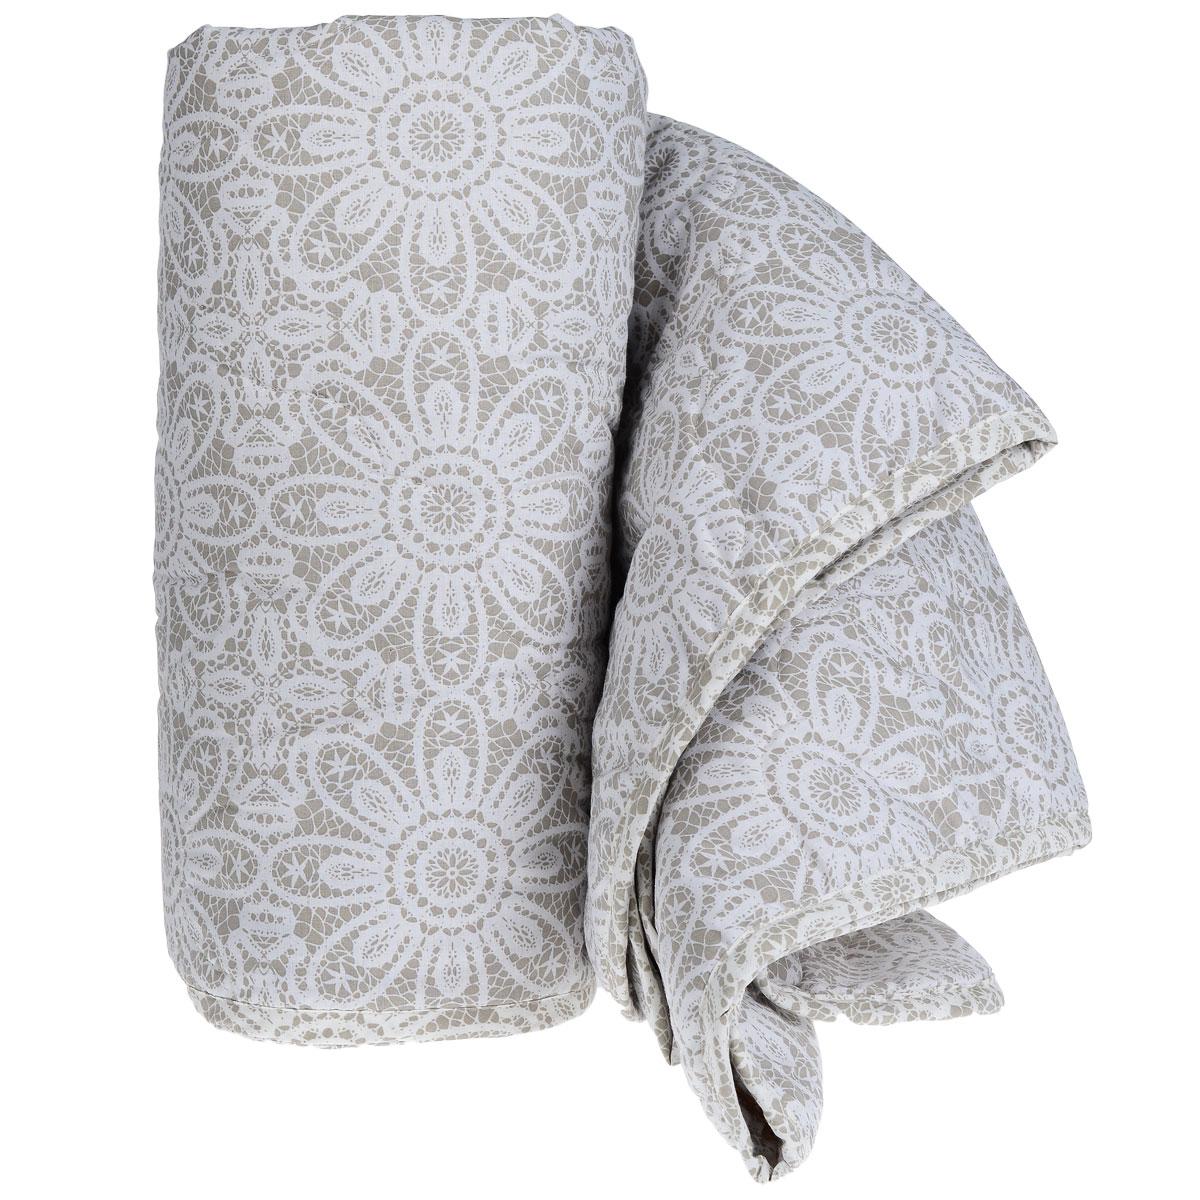 Одеяло летнее Green Line, наполнитель: льняное волокно, 200 см х 220 см189236Летнее одеяло Green Line подарит незабываемое чувство комфорта и уюта во время сна. Верх выполнен из ранфорса (100% хлопок) с красивым рисунком, напоминающим кружево. Внутри - наполнитель из льняного волокна. Это экологически чистый натуральный материал, который позаботится о вашем здоровье и подарит комфортный сон. Лен обладает уникальными свойствами: он холодит в жару и согревает в холод, он полезен для здоровья, так как является природным антисептиком. Благодаря пористой структуре, ткань дышит и создается эффект активного дыхания. Стежка и кант по краю не позволяют наполнителю скатываться и равномерно удерживают его внутри. Одеяло легкое и тонкое - оно идеально подойдет для лета, под ним будет прохладно и комфортно спать в жару. Рекомендации по уходу: - запрещается стирка в стиральной машине и вручную, - не отбеливать, - нельзя отжимать и сушить в стиральной машине, - не гладить, - химчистка с мягкими растворителями, -...